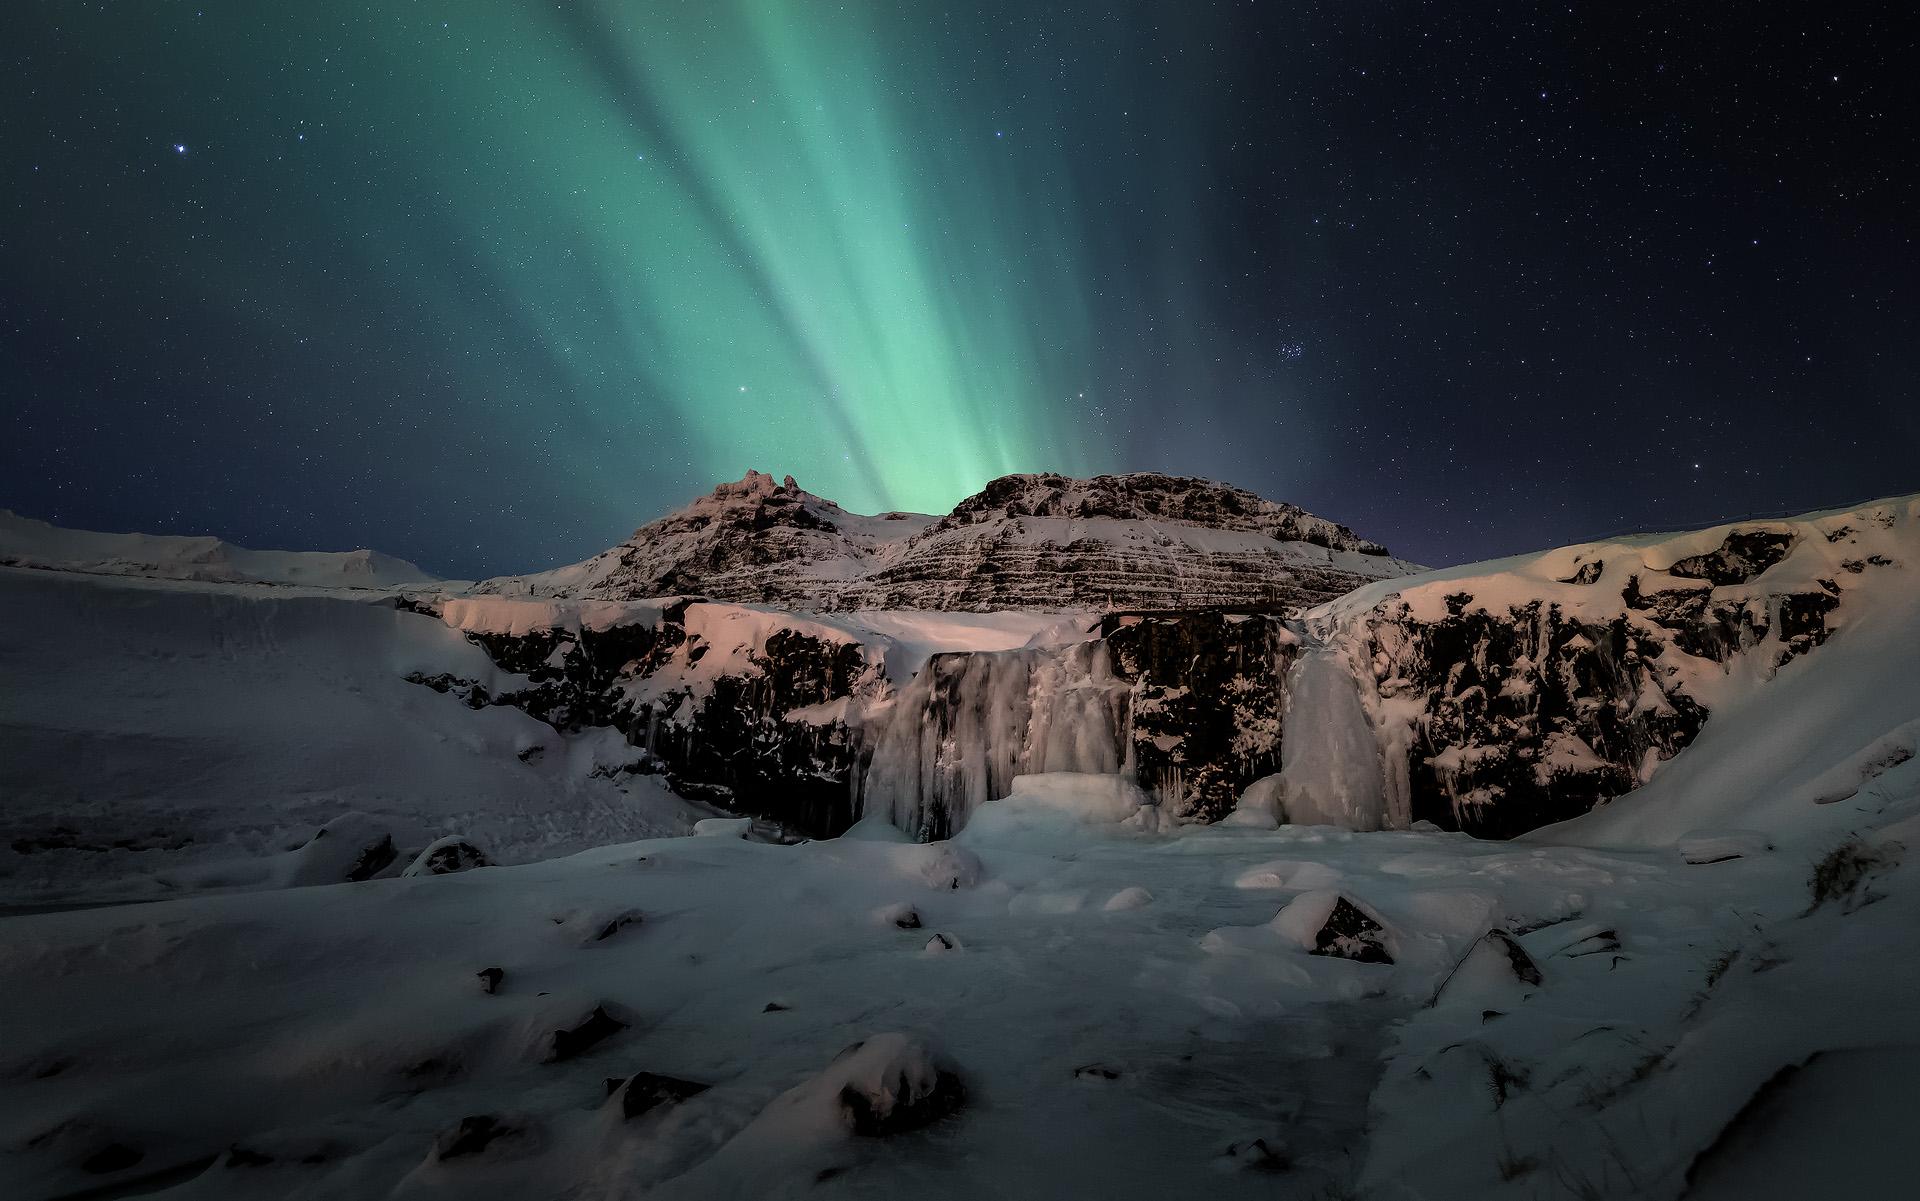 ijsland feb 2019-134-bewerkt kopiëren.jpg